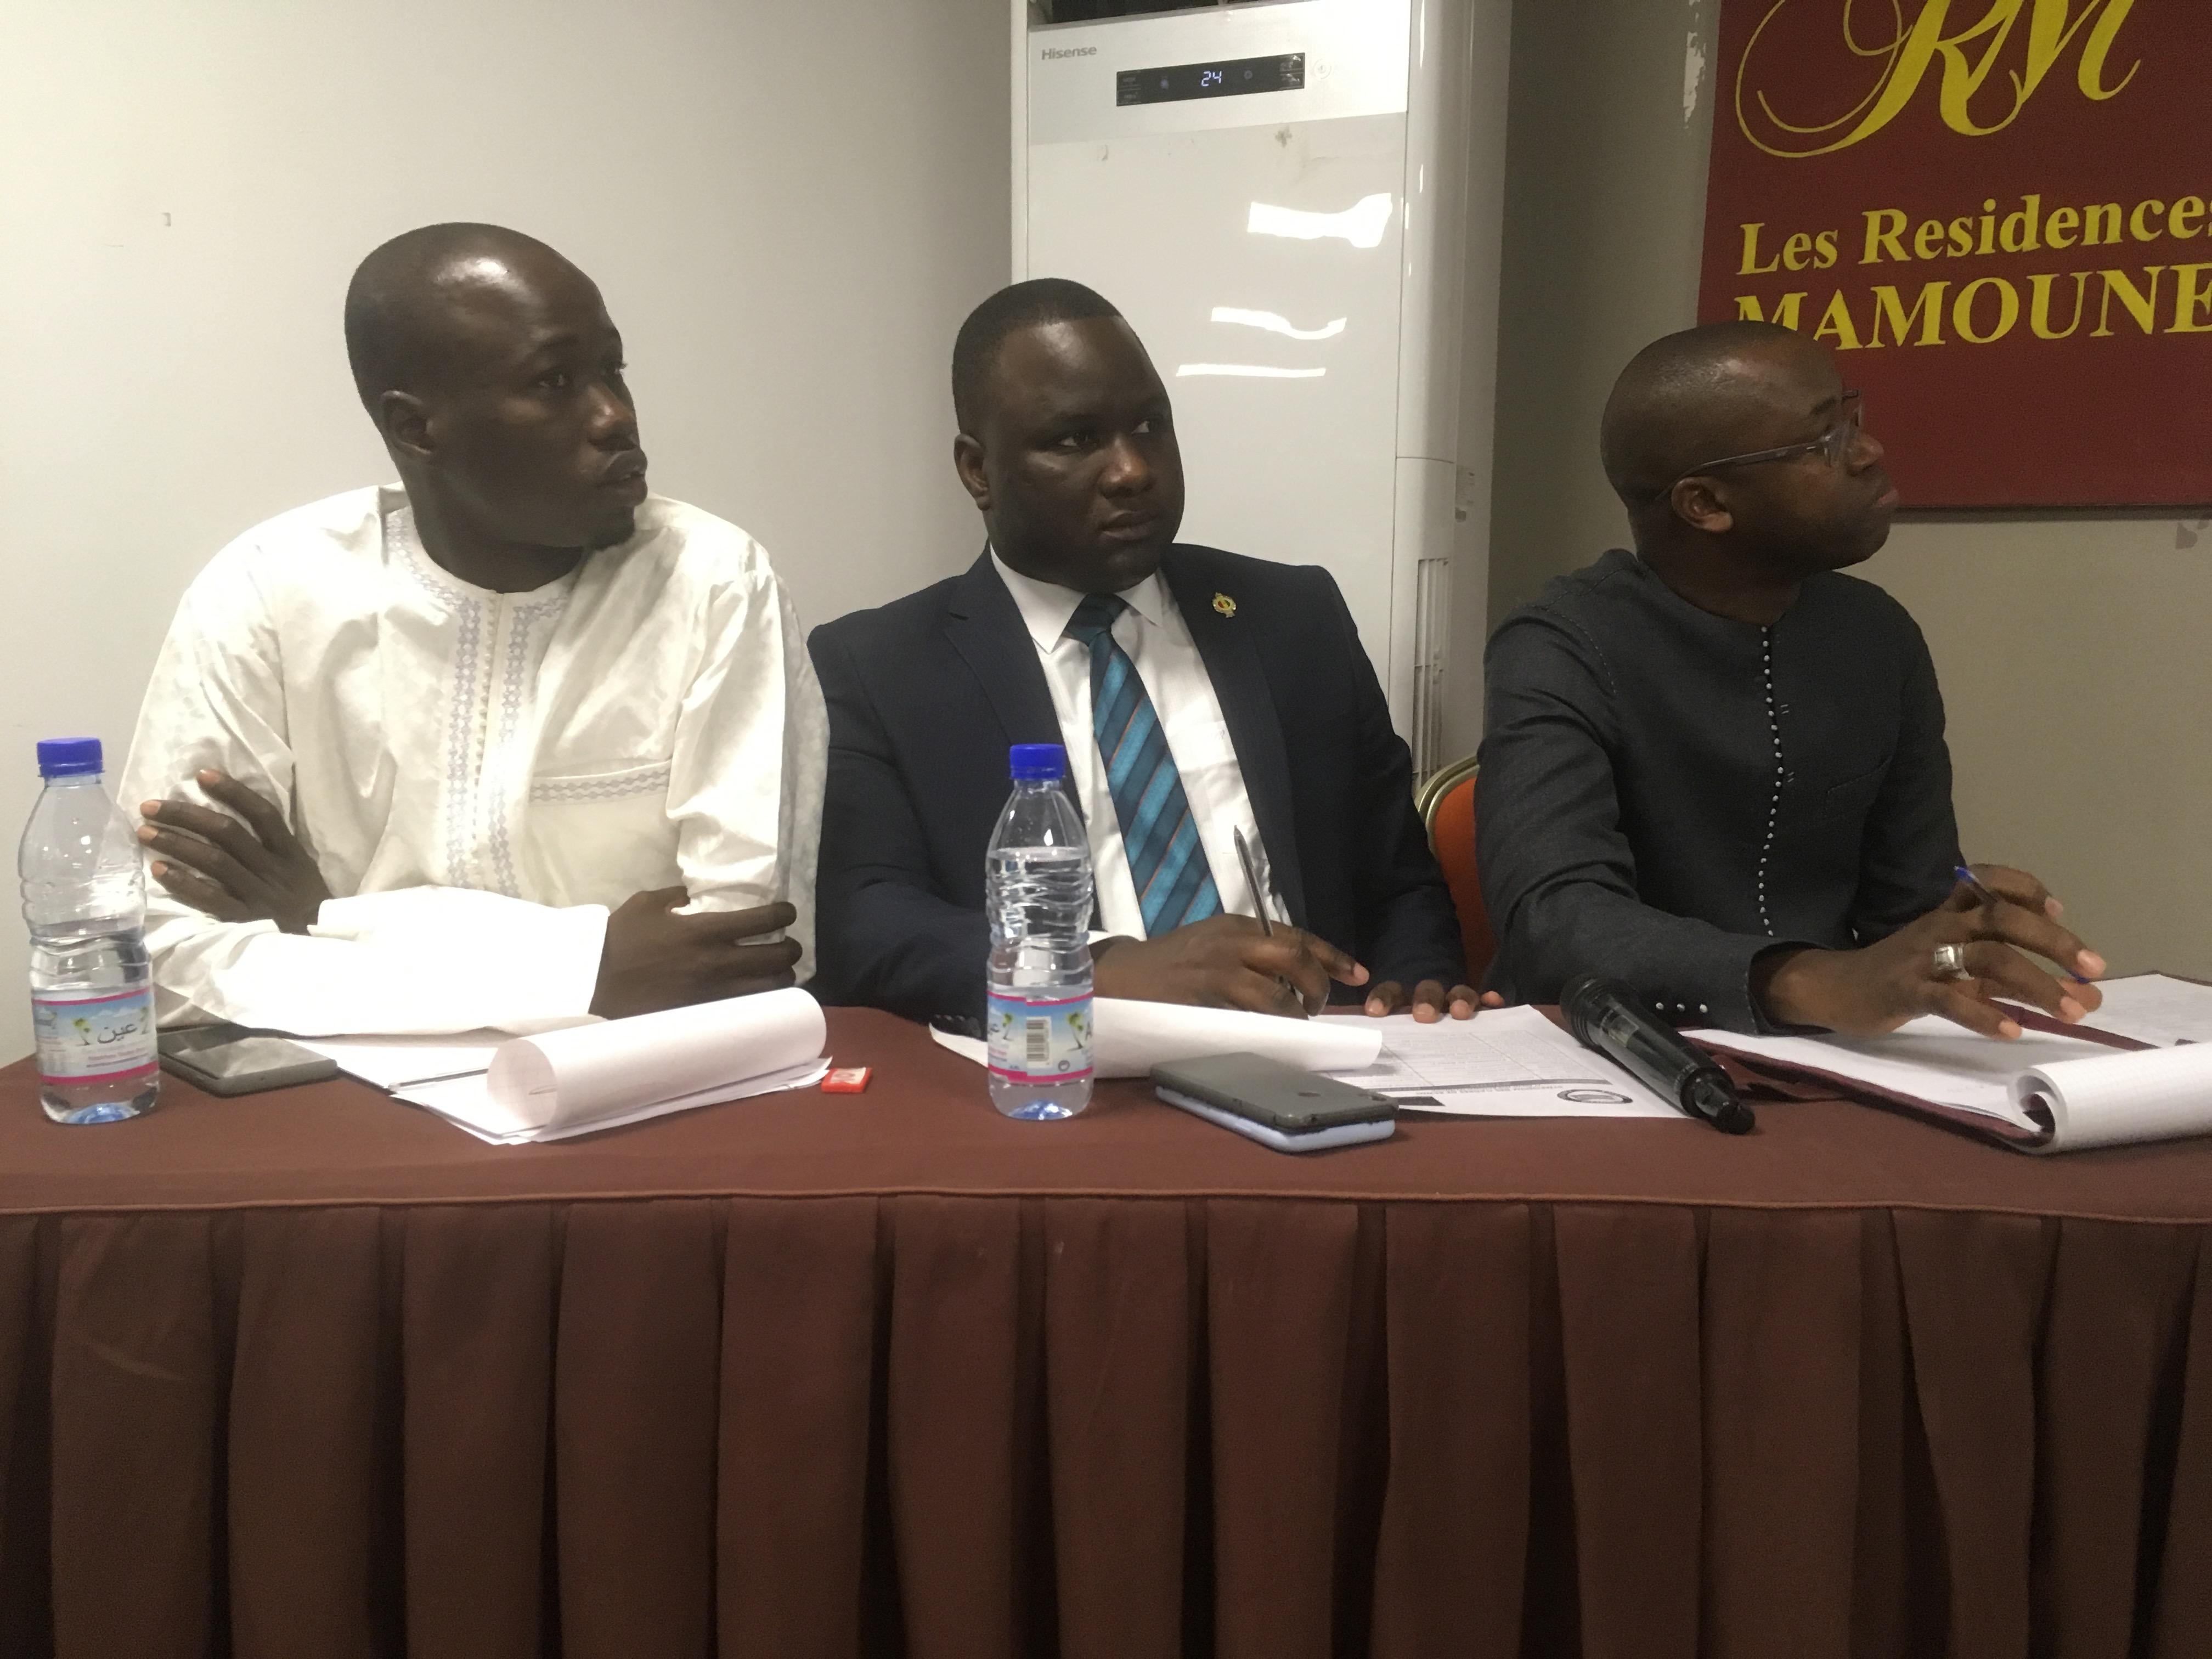 Passage du F CFA à l'Eco, hausse Électricité : Les cadres de «Rewmi» dissèquent le mal.